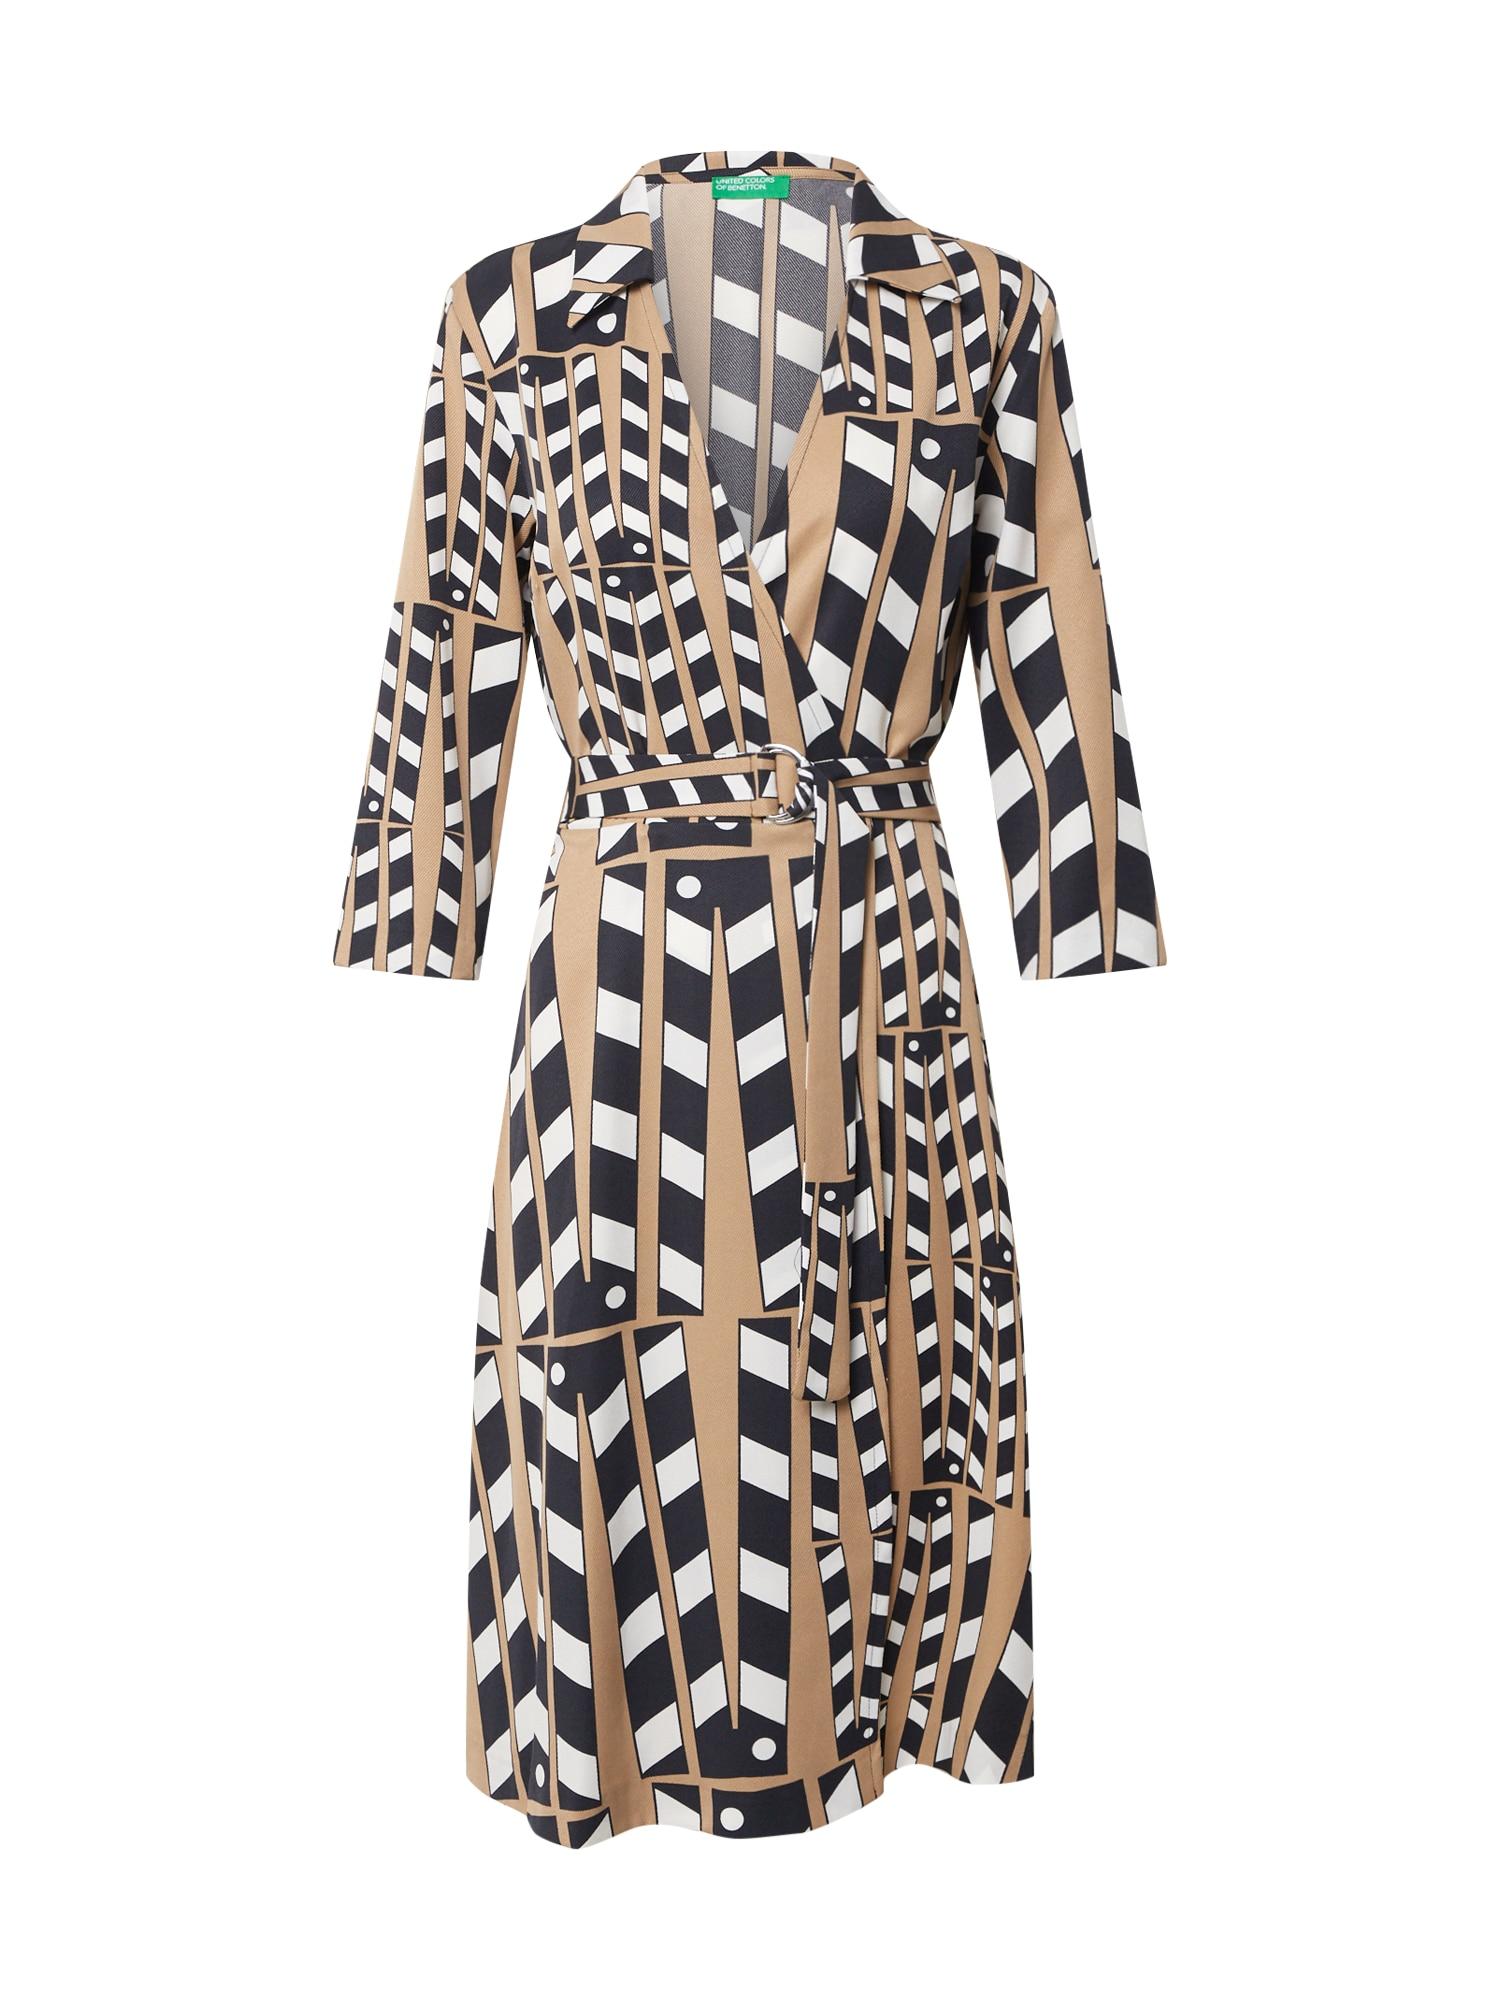 UNITED COLORS OF BENETTON Košilové šaty  bílá / černá / béžová